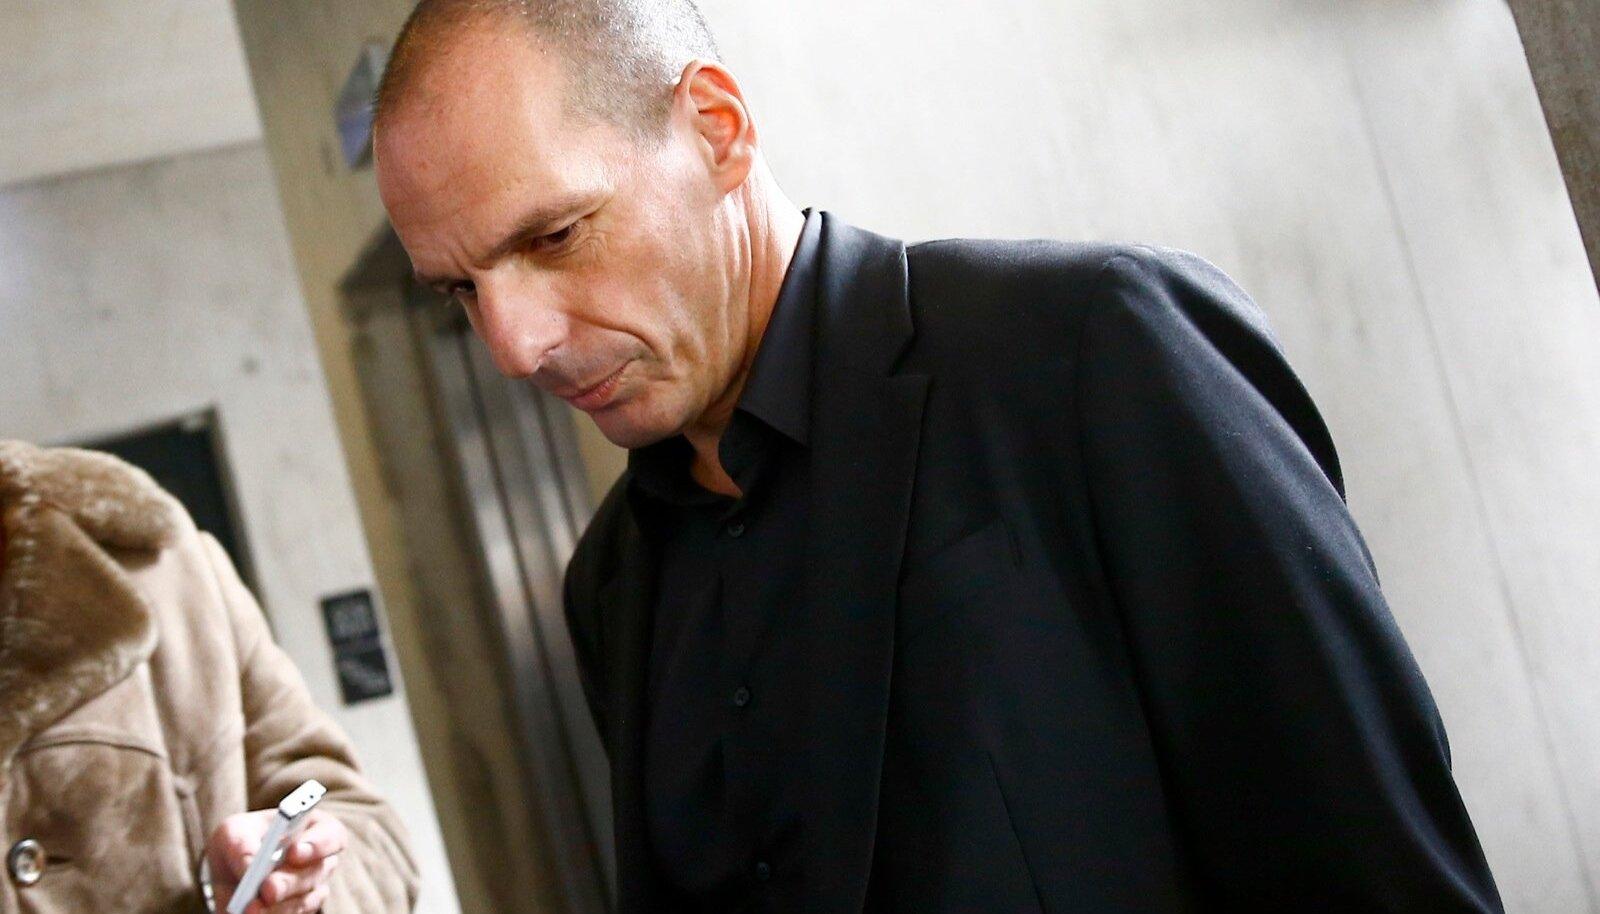 Kreeka rahandusminister Yanis Varoufakis